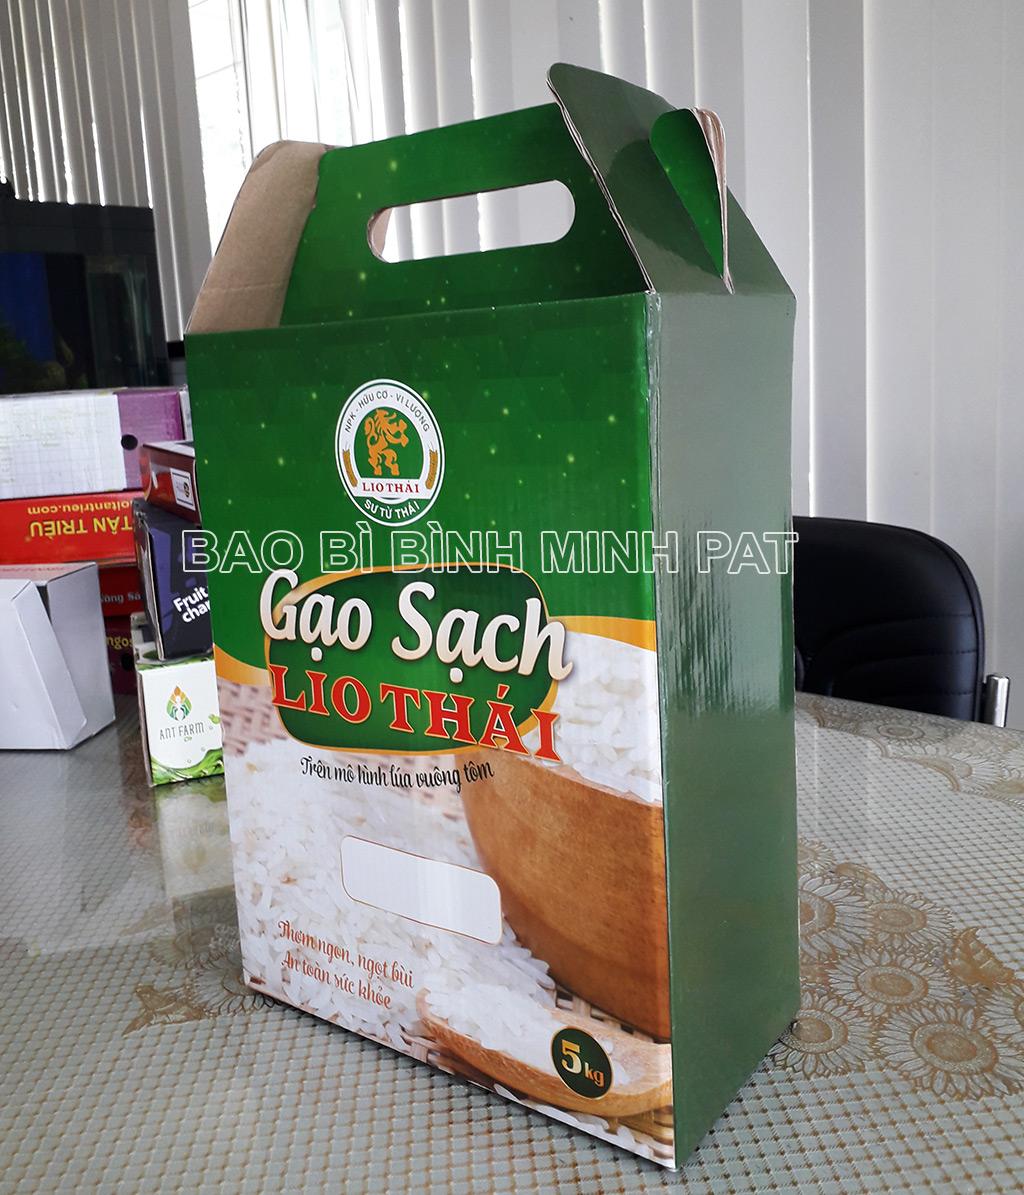 In hộp carton đựng gạo sạch - hinh 2